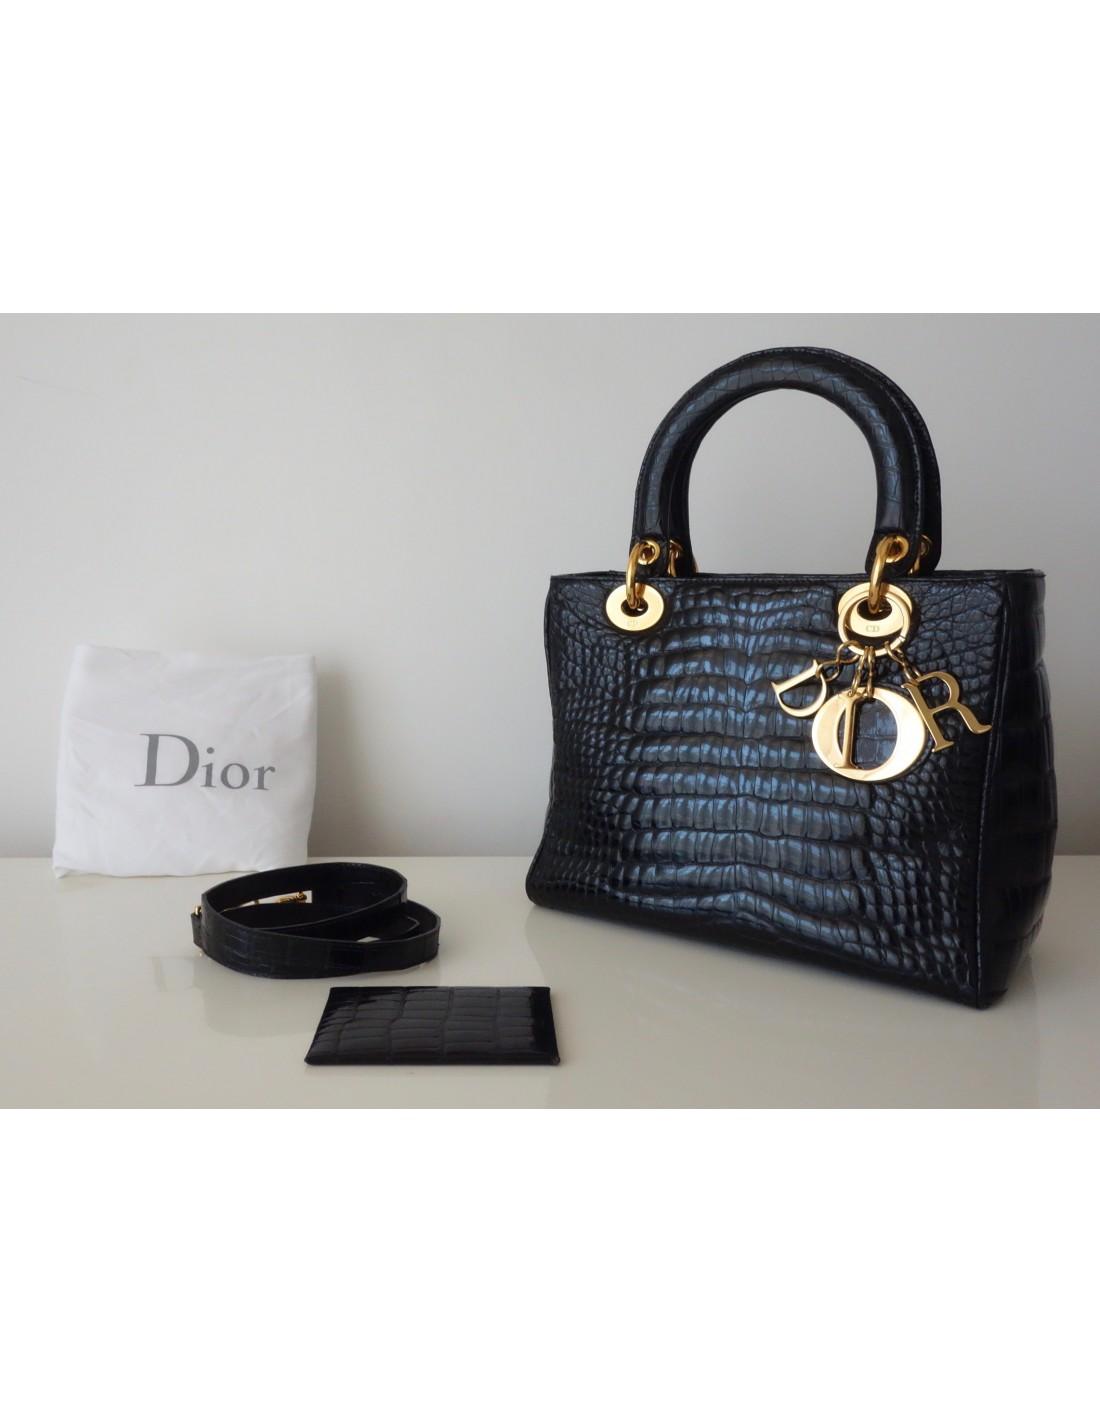 Sac Atoutluxe Boutique Noir Dior Crocodile Lady qXr06Iqp 57dcaee17816